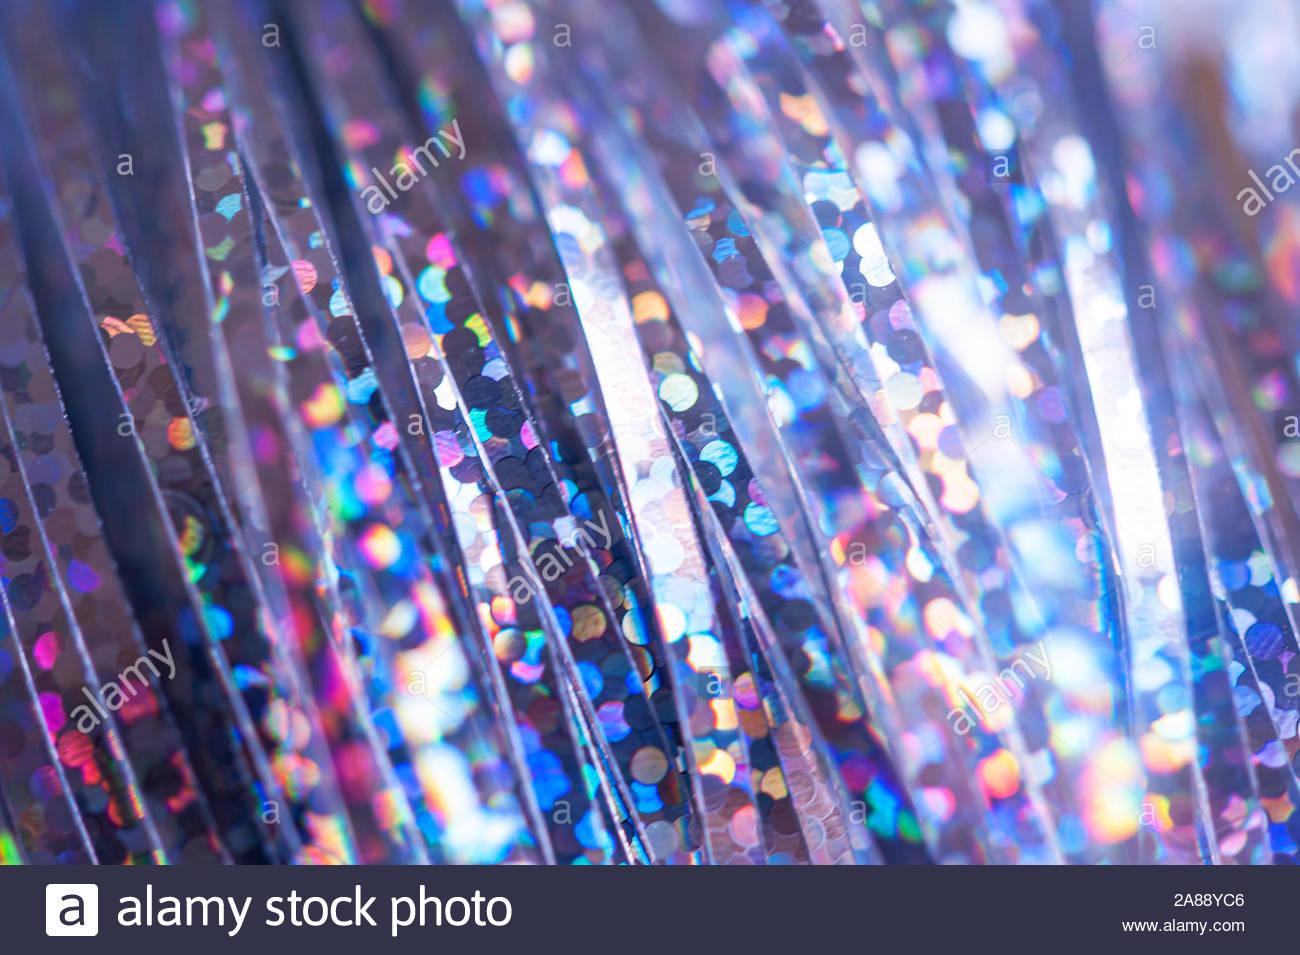 Decoración de Navidad - Año Nuevo fondo abstracto con tiras de lluvia ornamentales con brillante reluce y flash. El enfoque selectivo en star, extremadamente shal Foto de stock